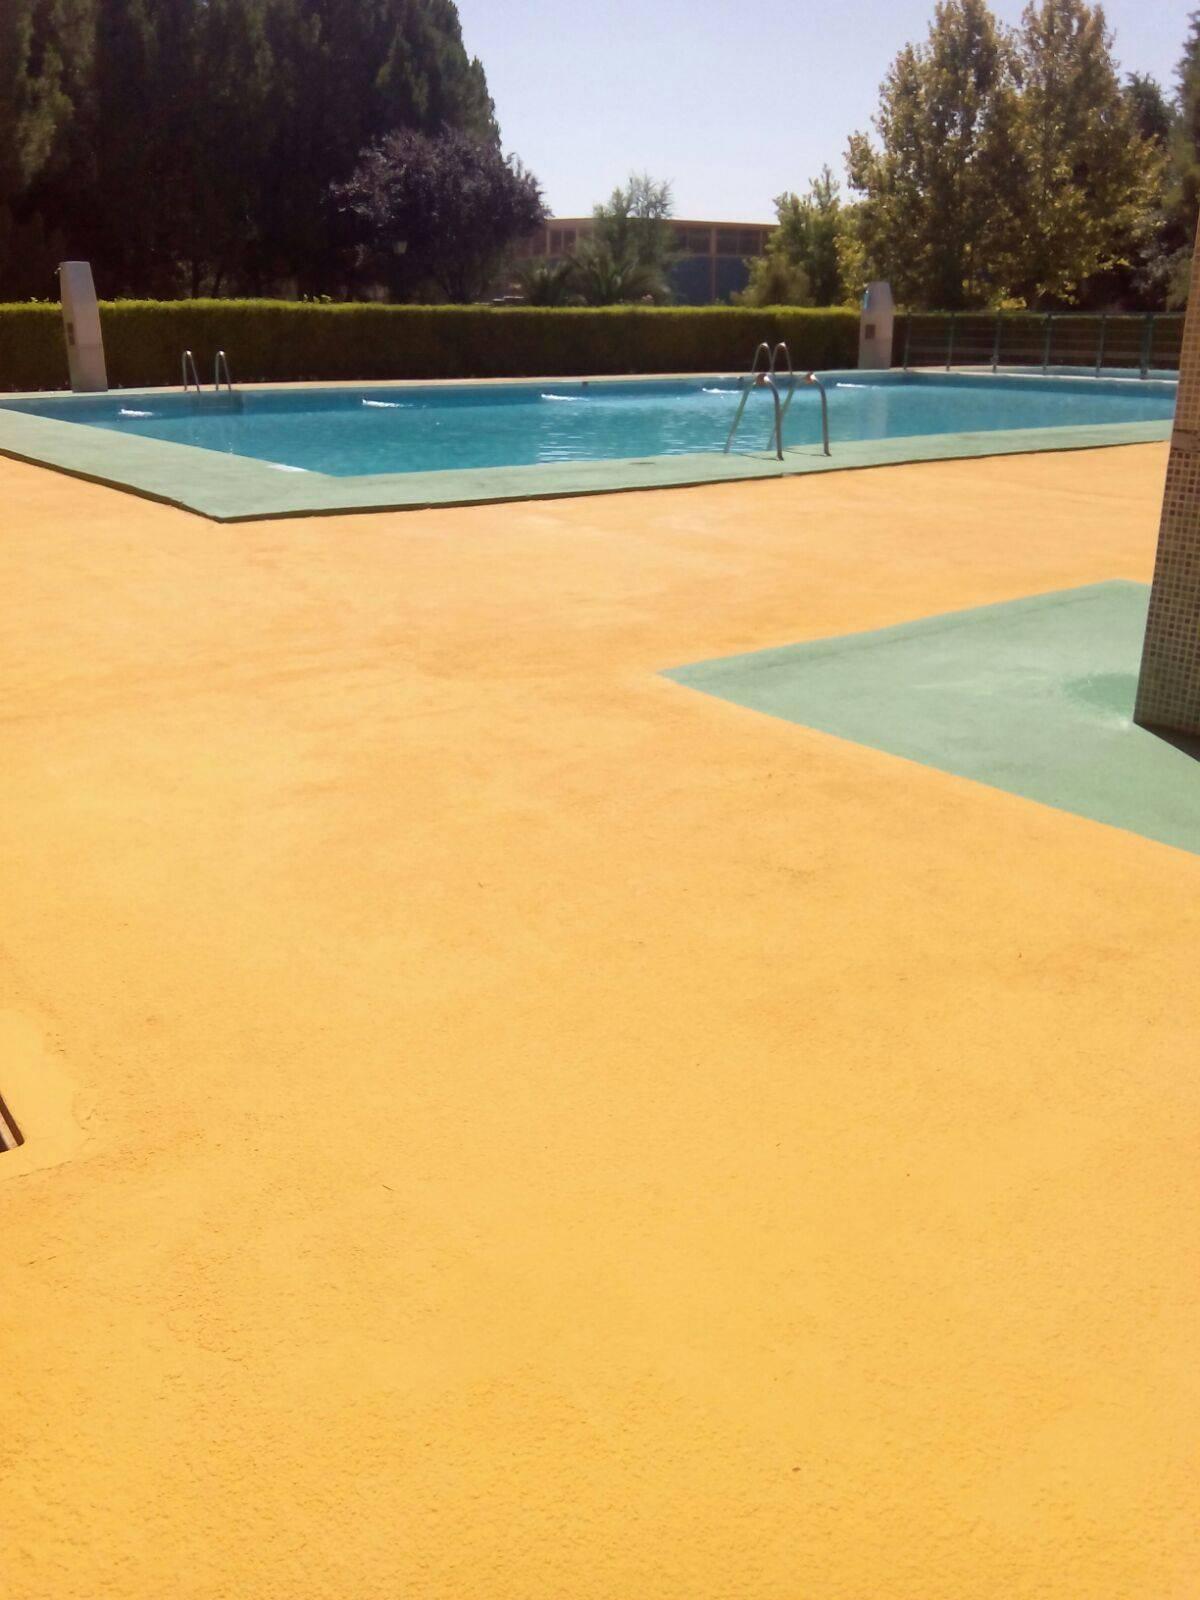 La piscina municipal cerrada por mantenimiento en pleno verano for Mantenimiento de la piscina